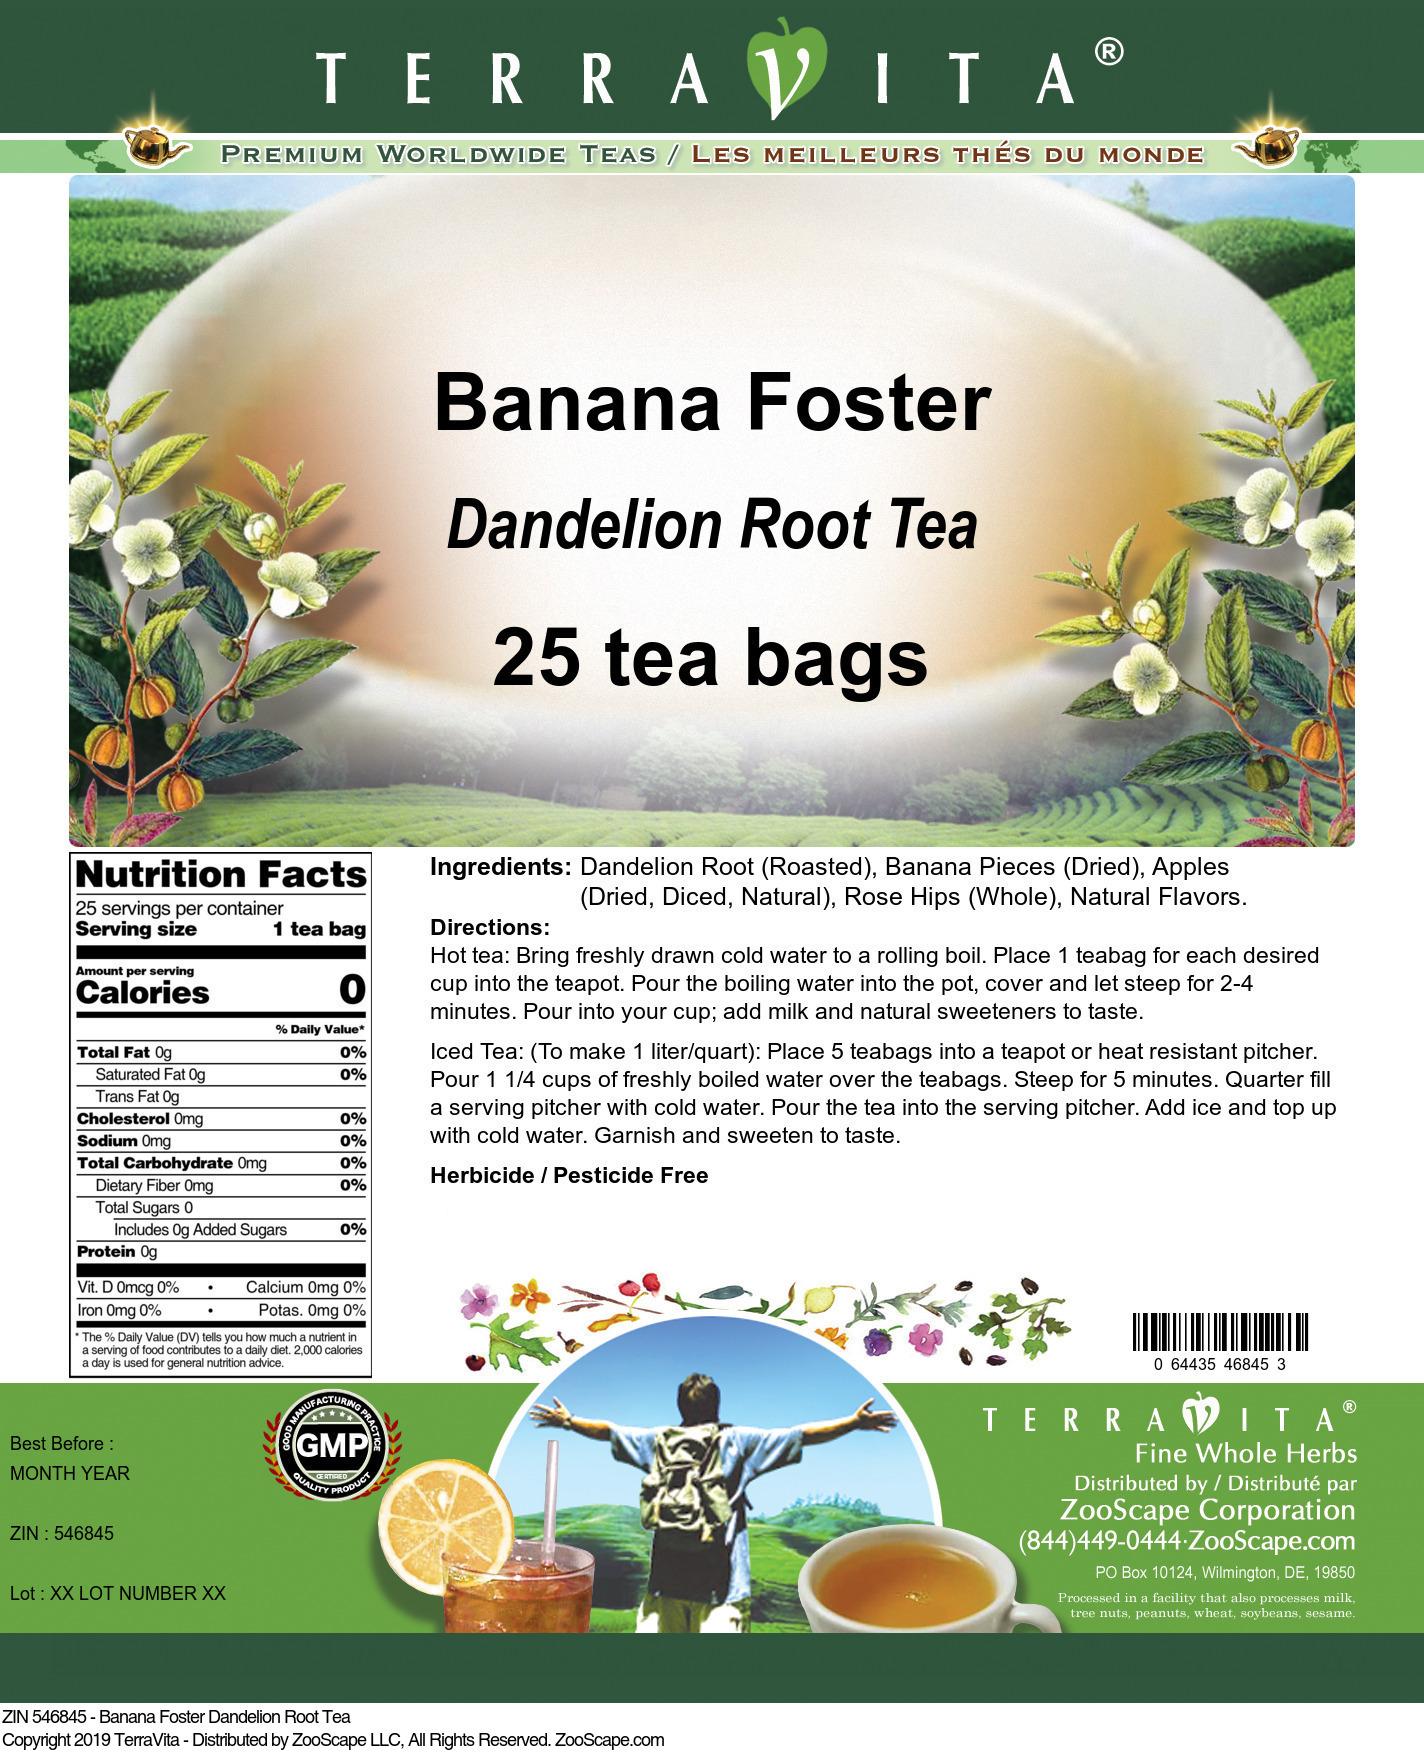 Banana Foster Dandelion Root Tea